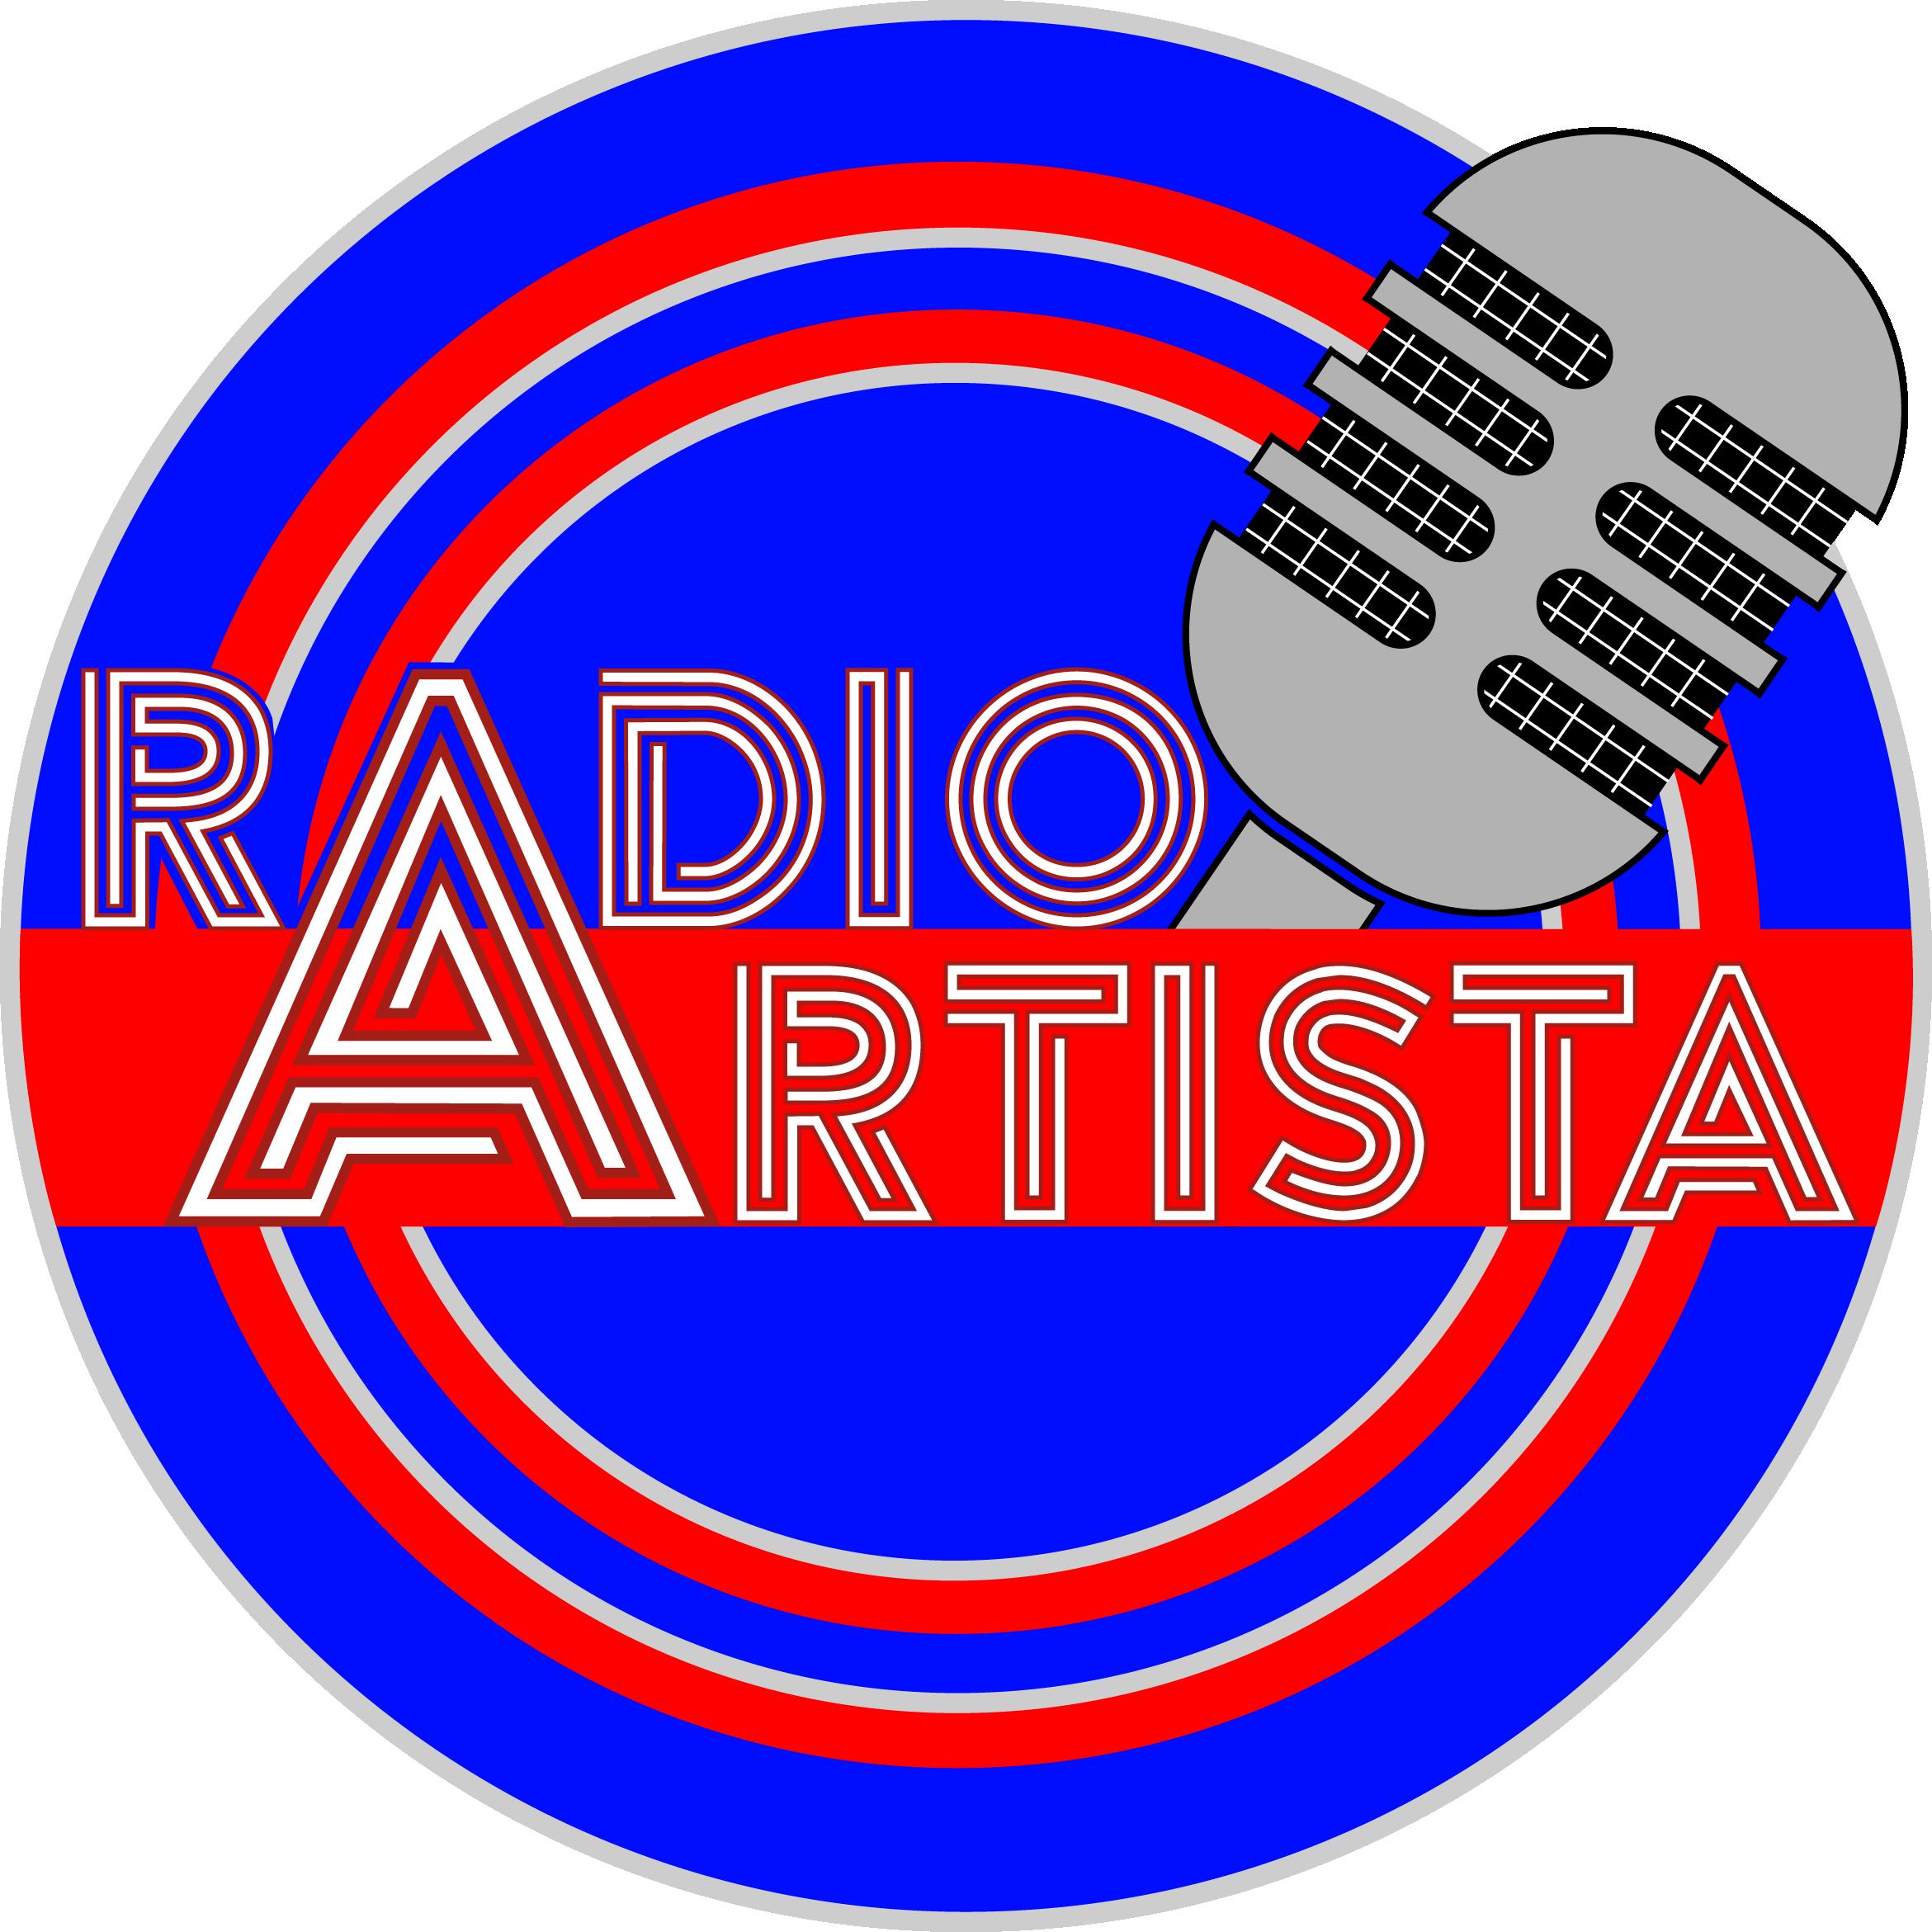 Radio Artista